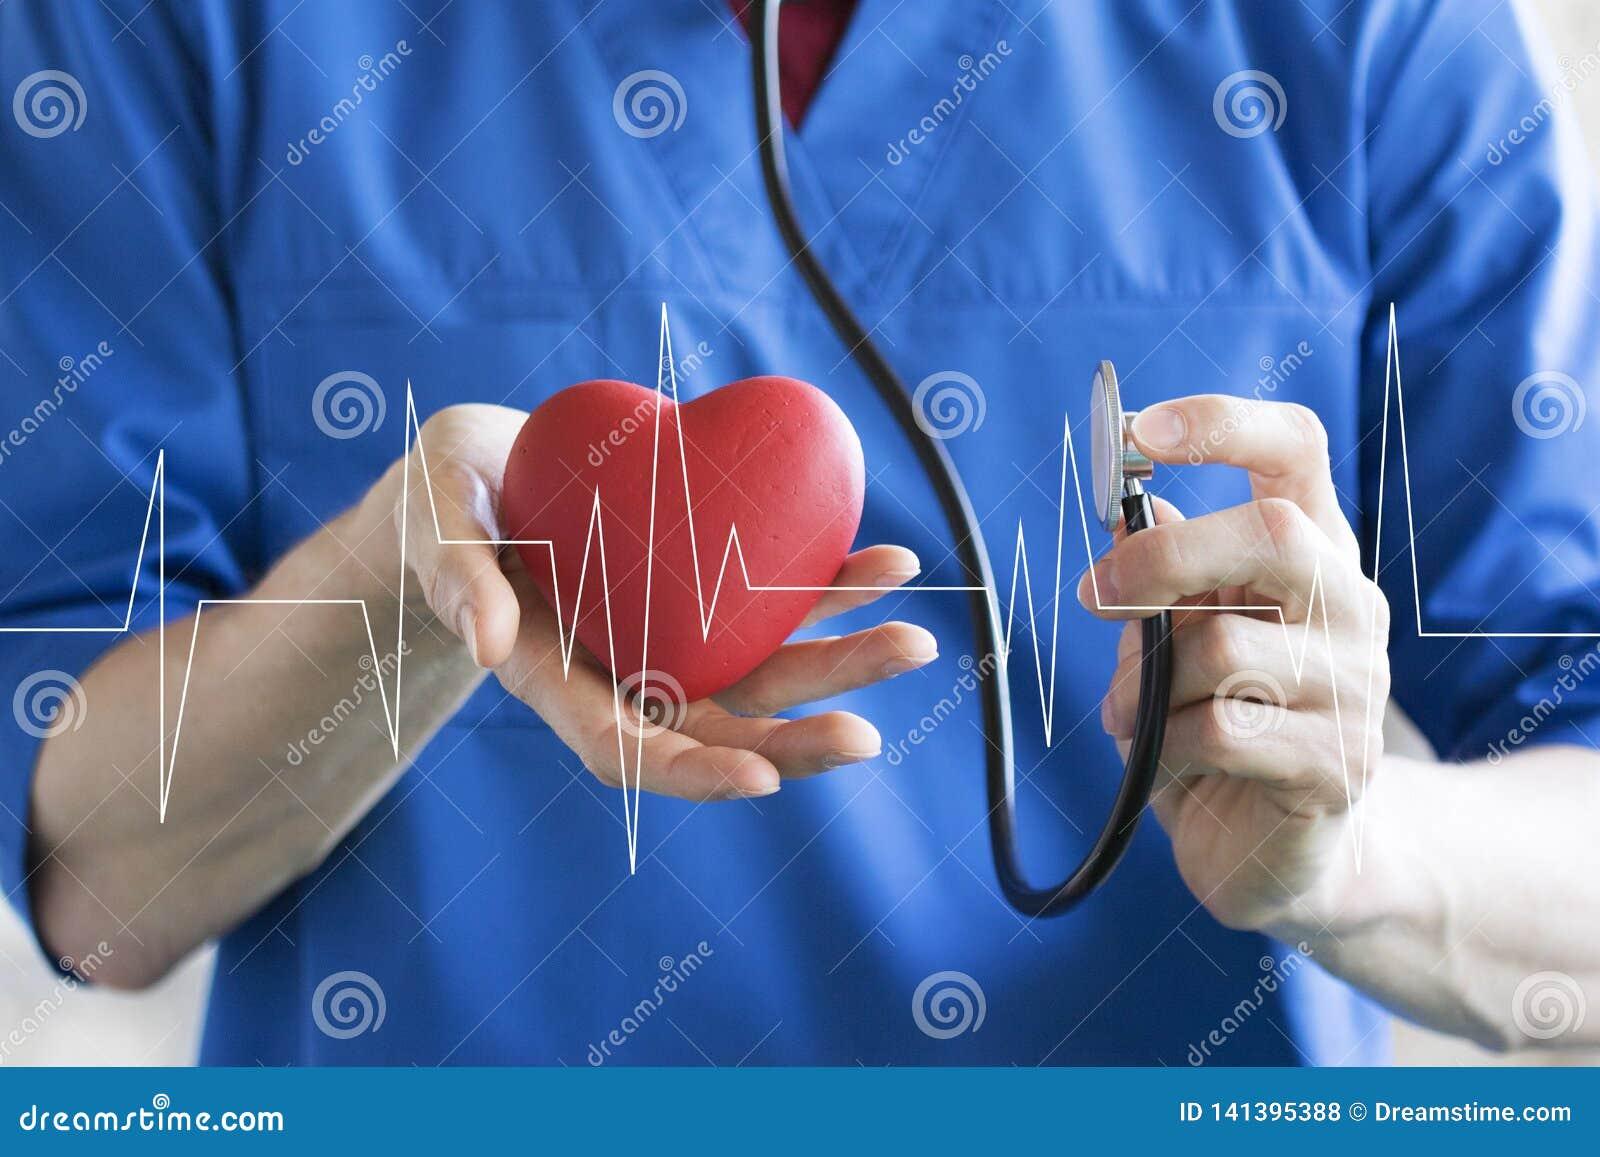 医生按钮心脏在真正互联网盘区医学的脉冲医疗保健